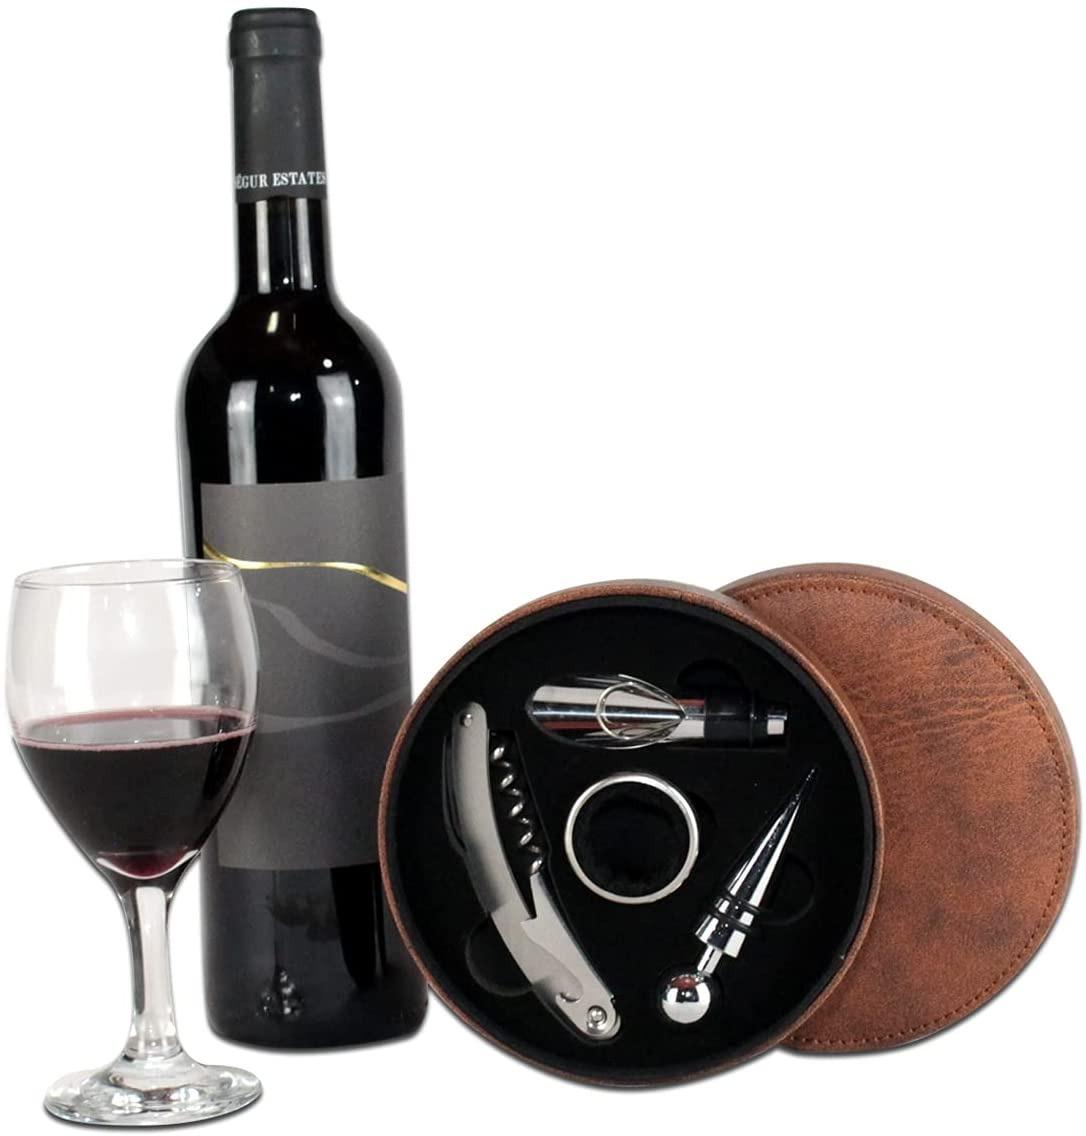 Kit de Vinho com 04 Peças em Estojo Sintético - Uny Home